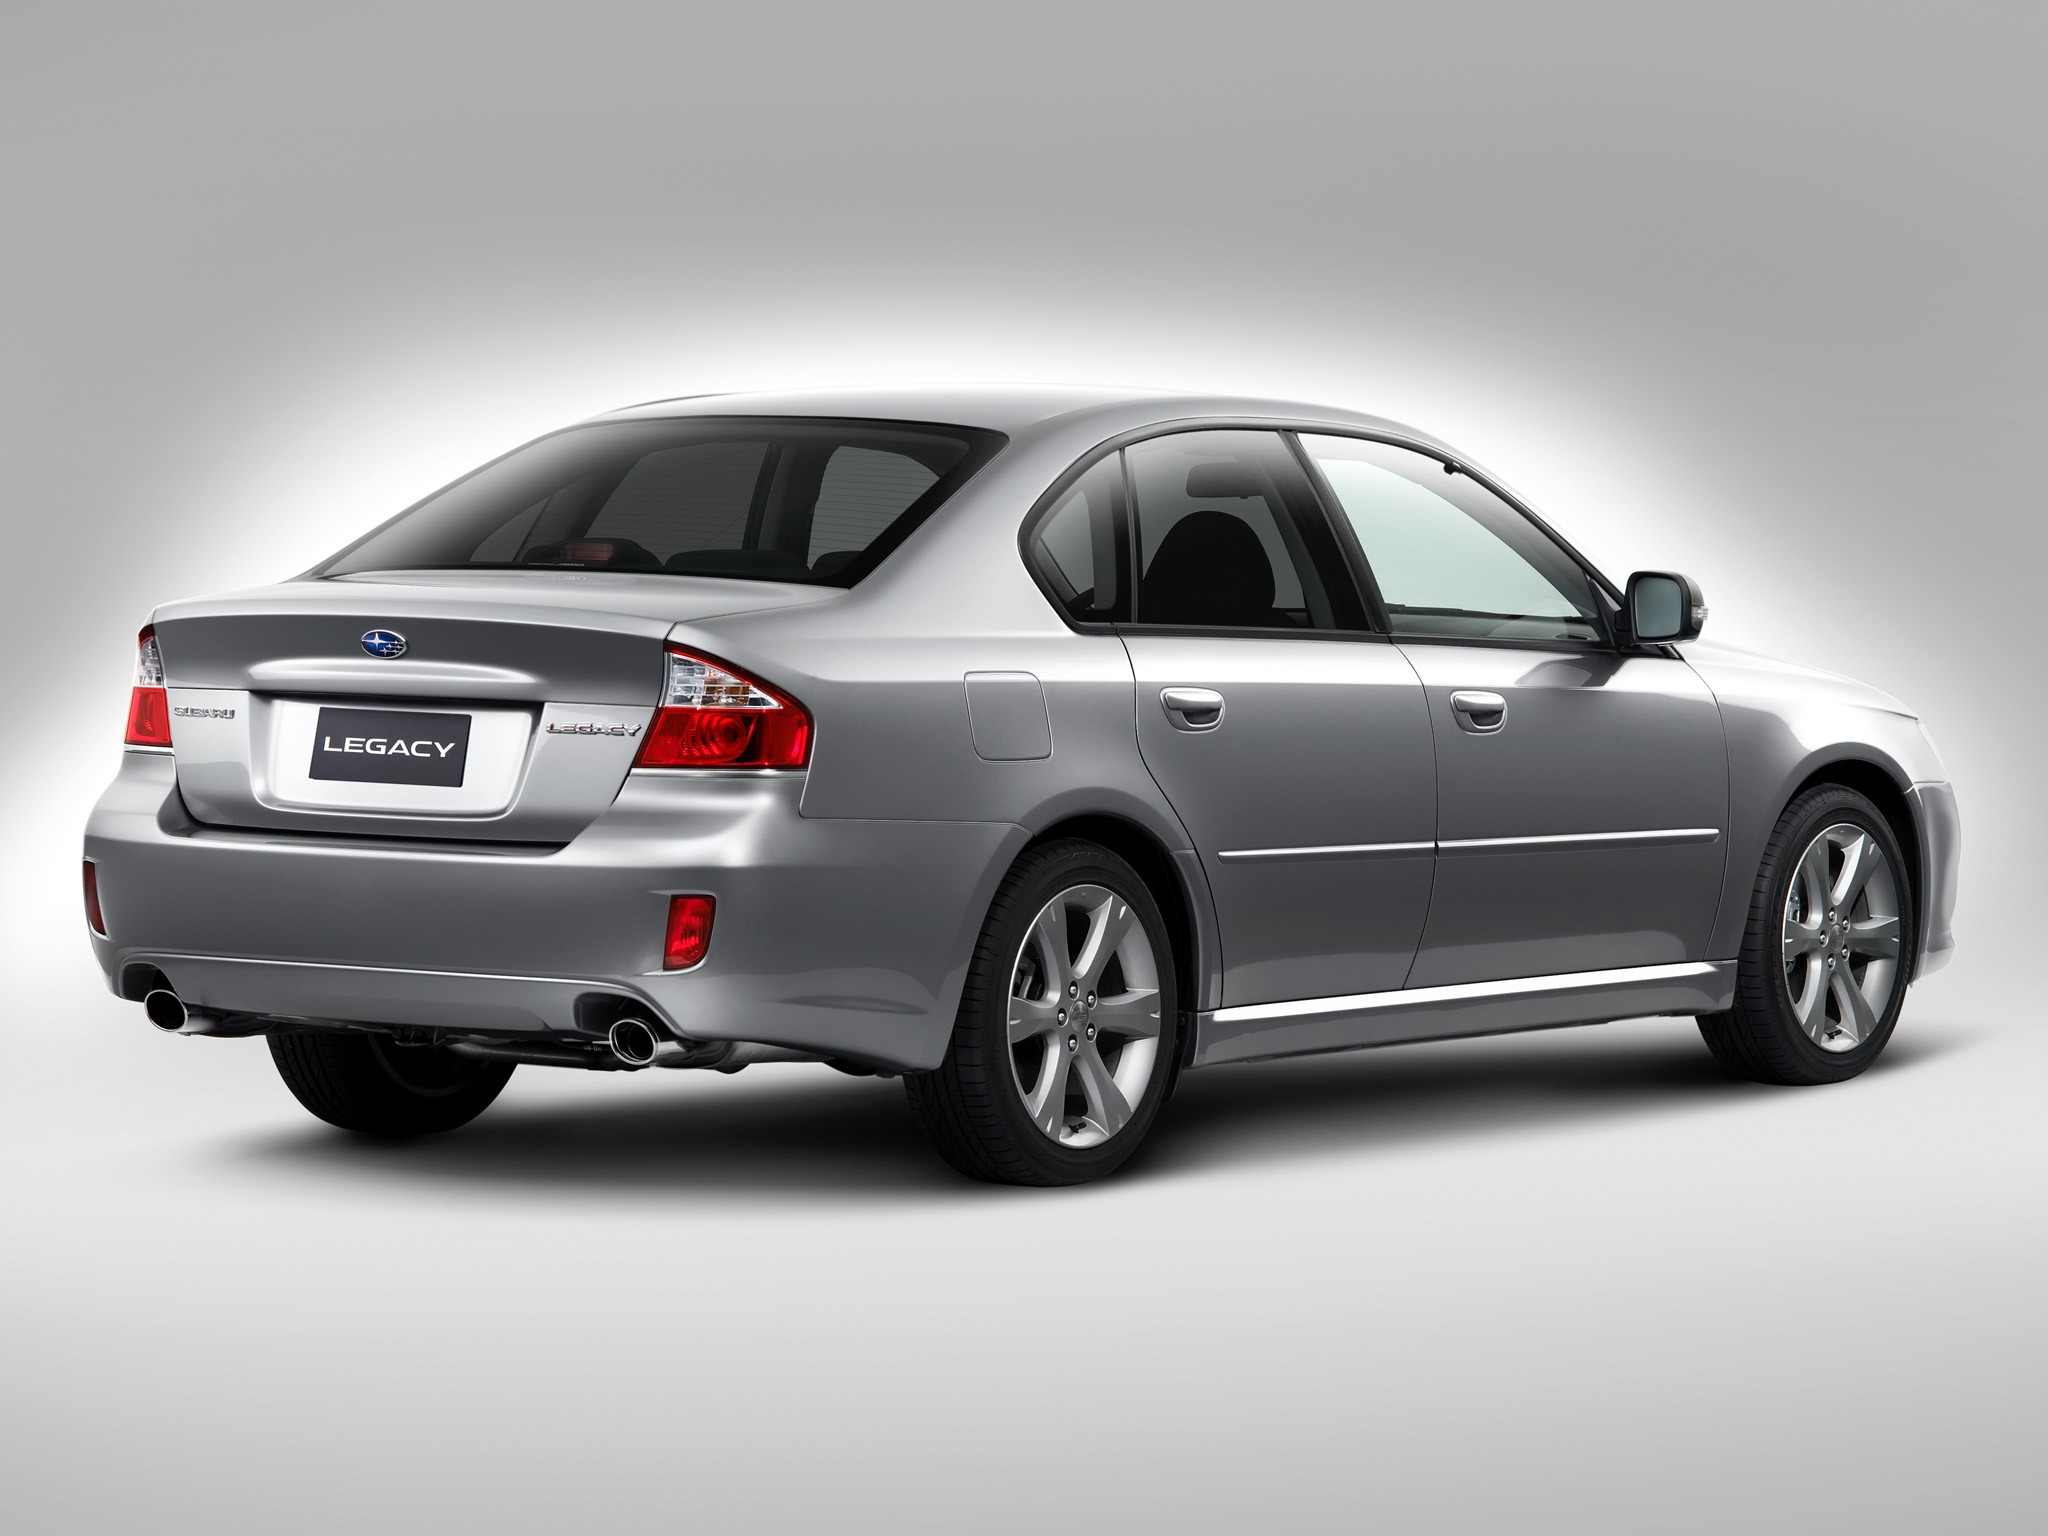 SUBARU Legacy - 2008, 2009 - autoevolution